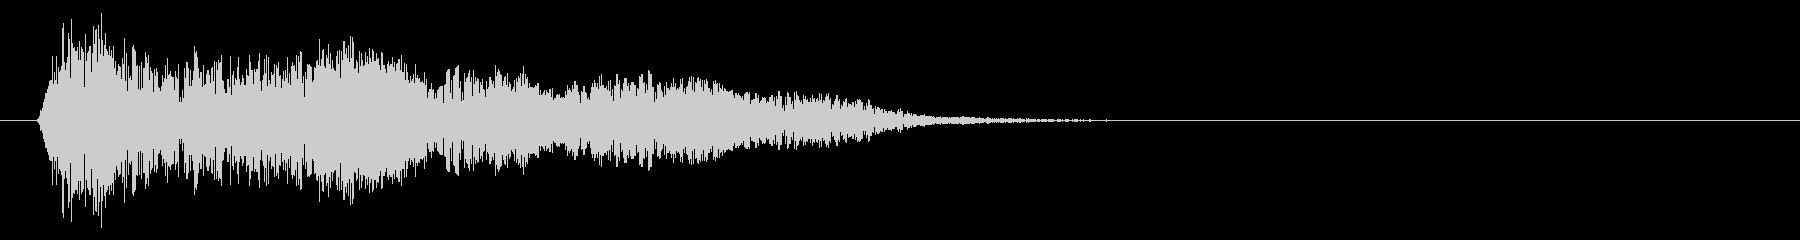 ロングテールのドラマチックなメタリ...の未再生の波形